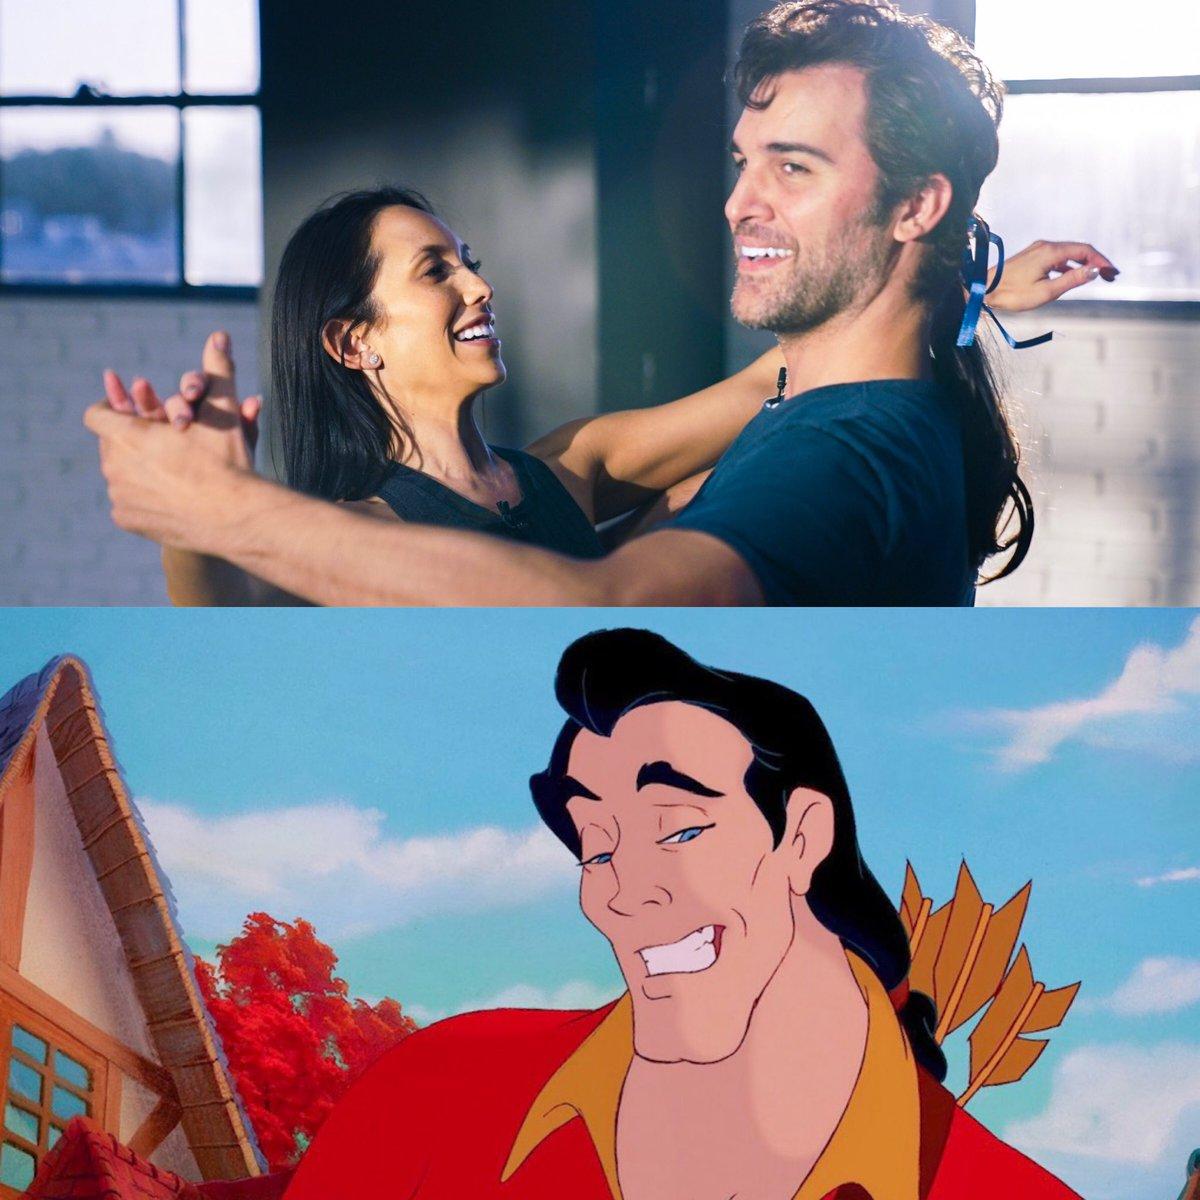 How perfect is @juanpablodipace as Gaston?!  #DWTS #Disneyweek #Beautyandbeast